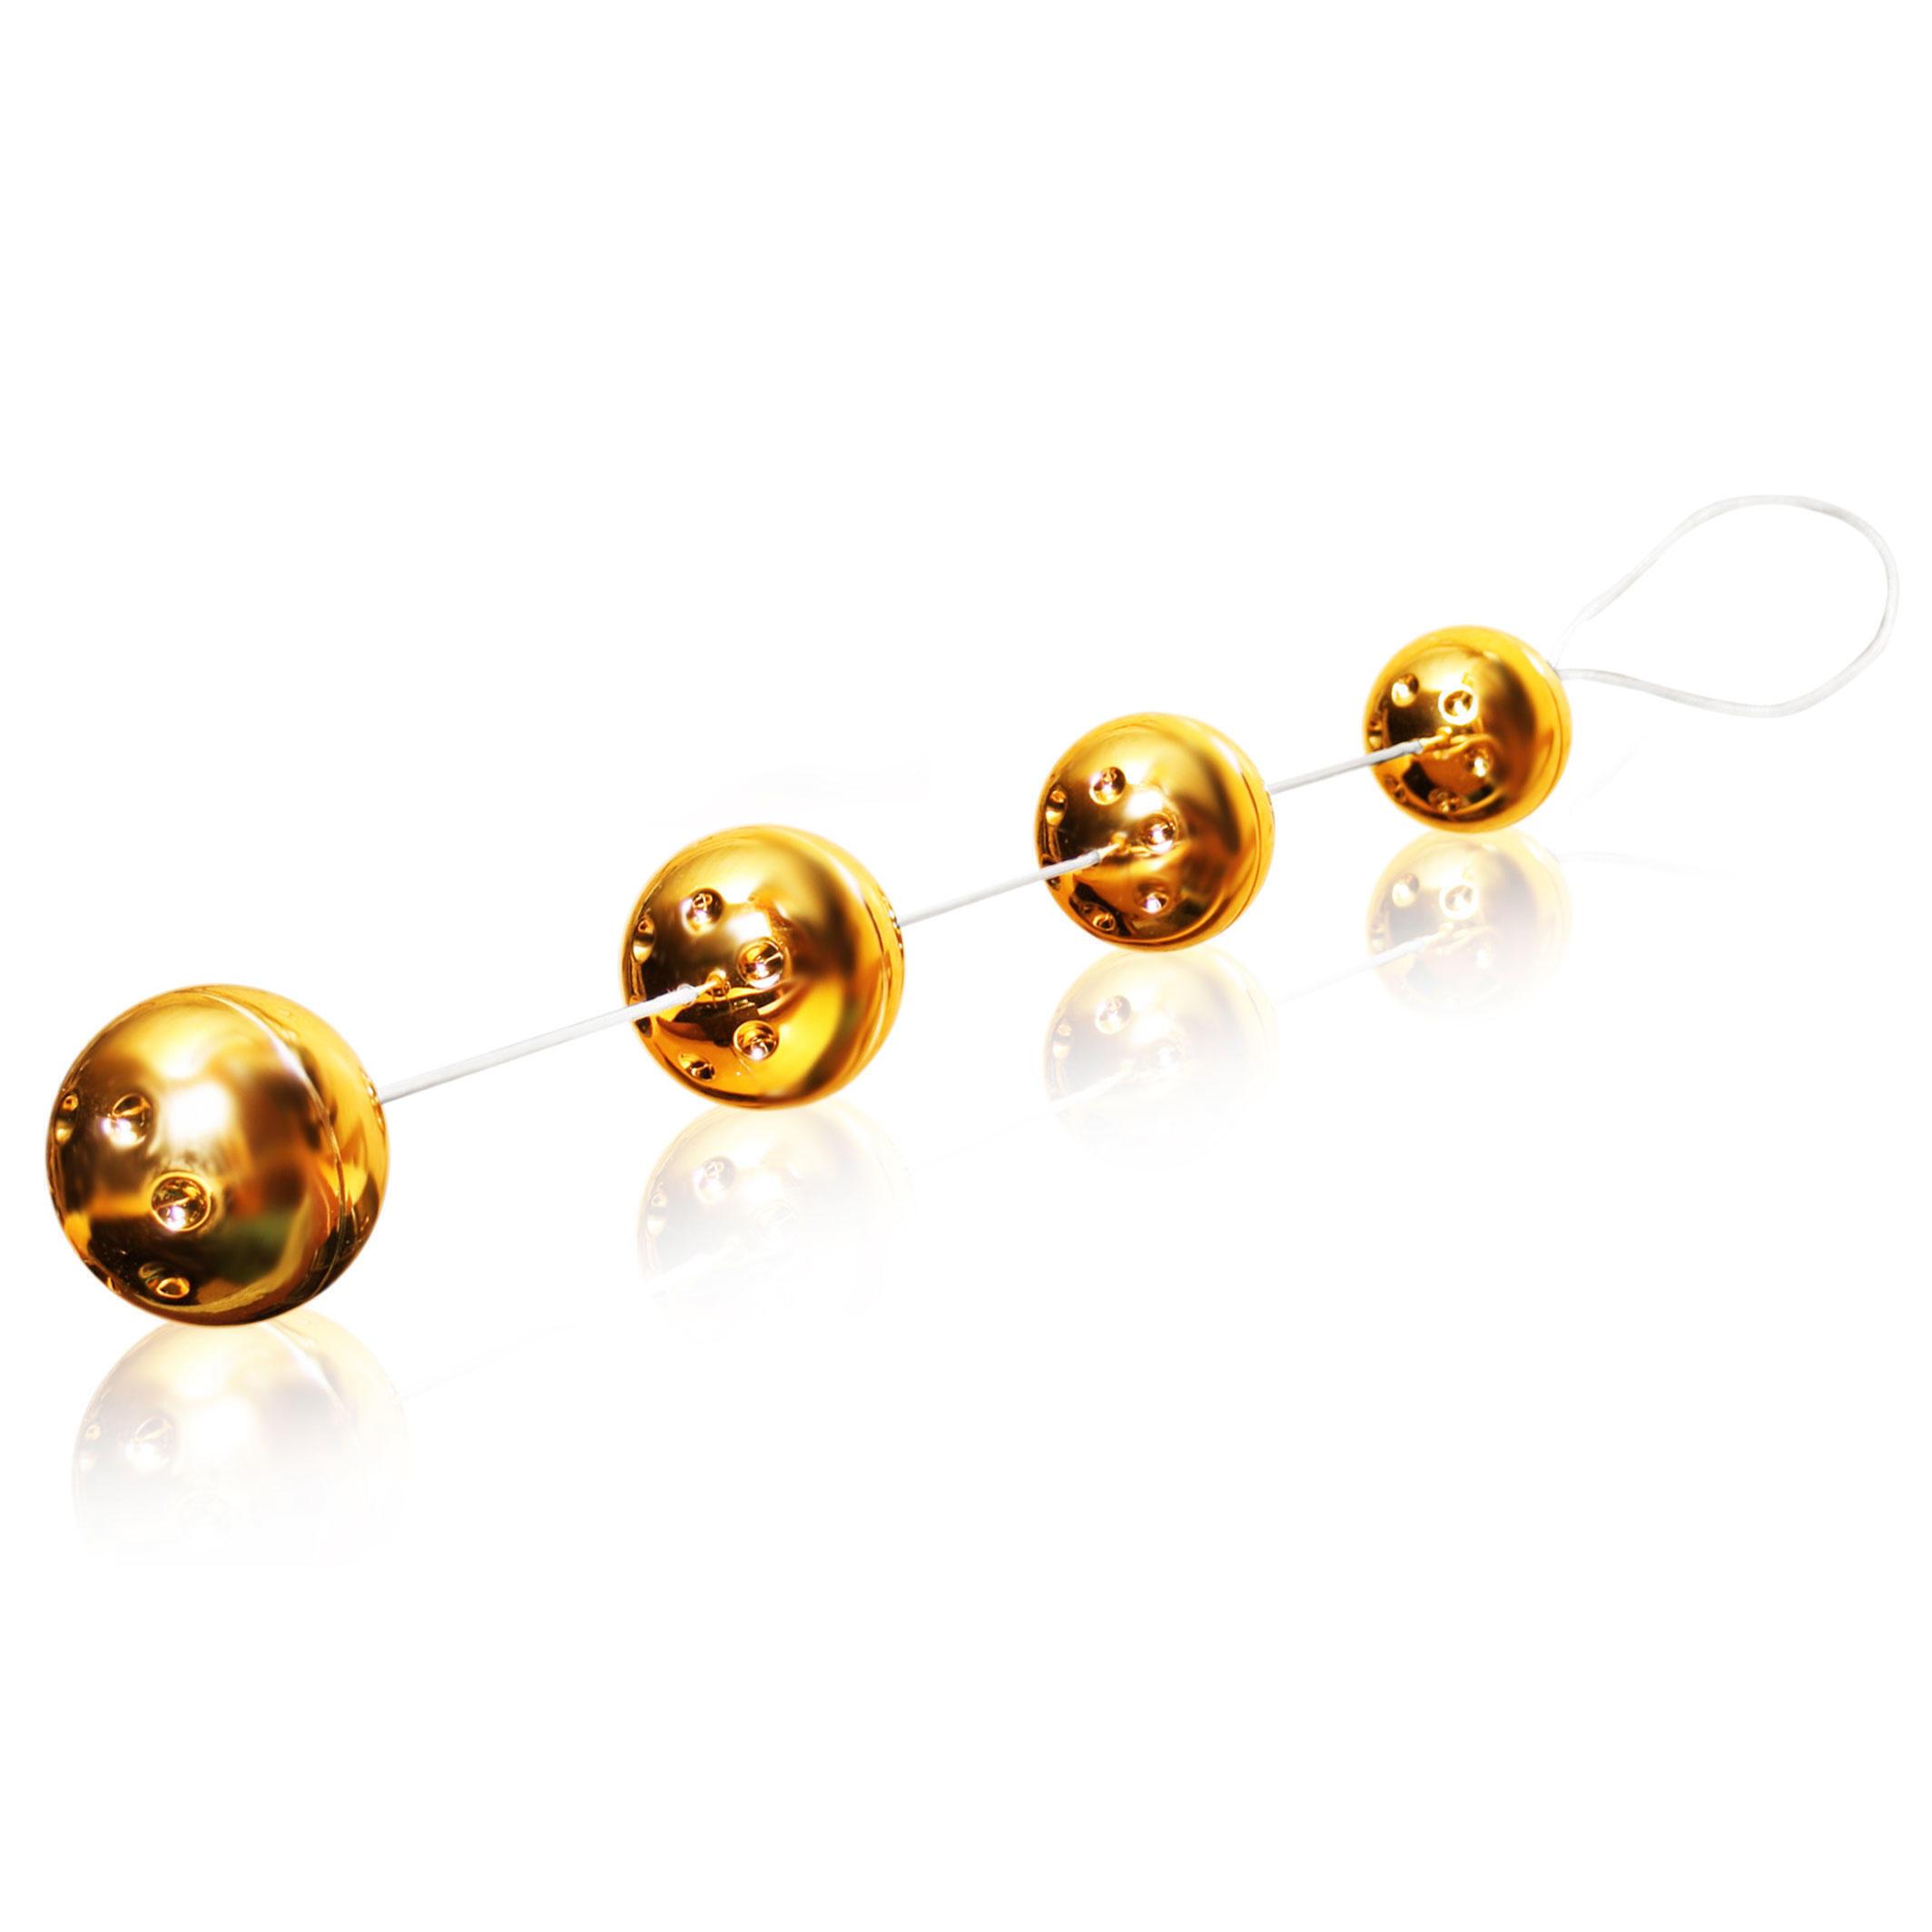 Вагинальные Шарики Gold Vibro Balls